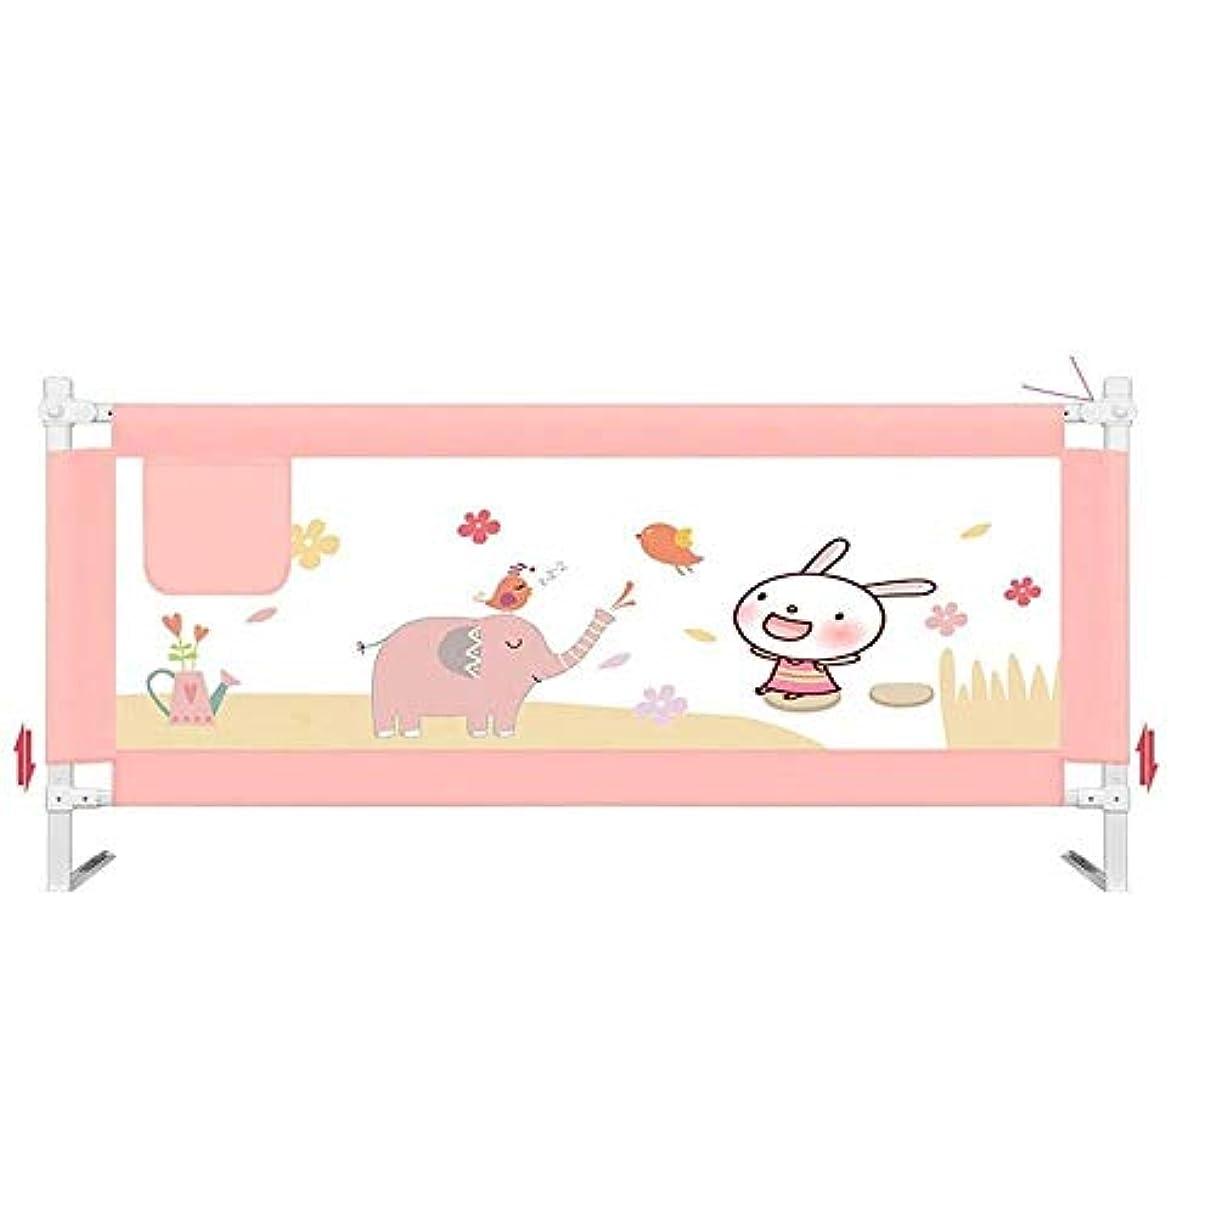 アイロニー窒息させる有罪GDNA ベッドには、頑丈なポータブルベビーベッドの柵をレール、旅行と家族は幼児のベッドの柵安全カバーキッズベッドレール (Color : Pink, Size : 1.5m)